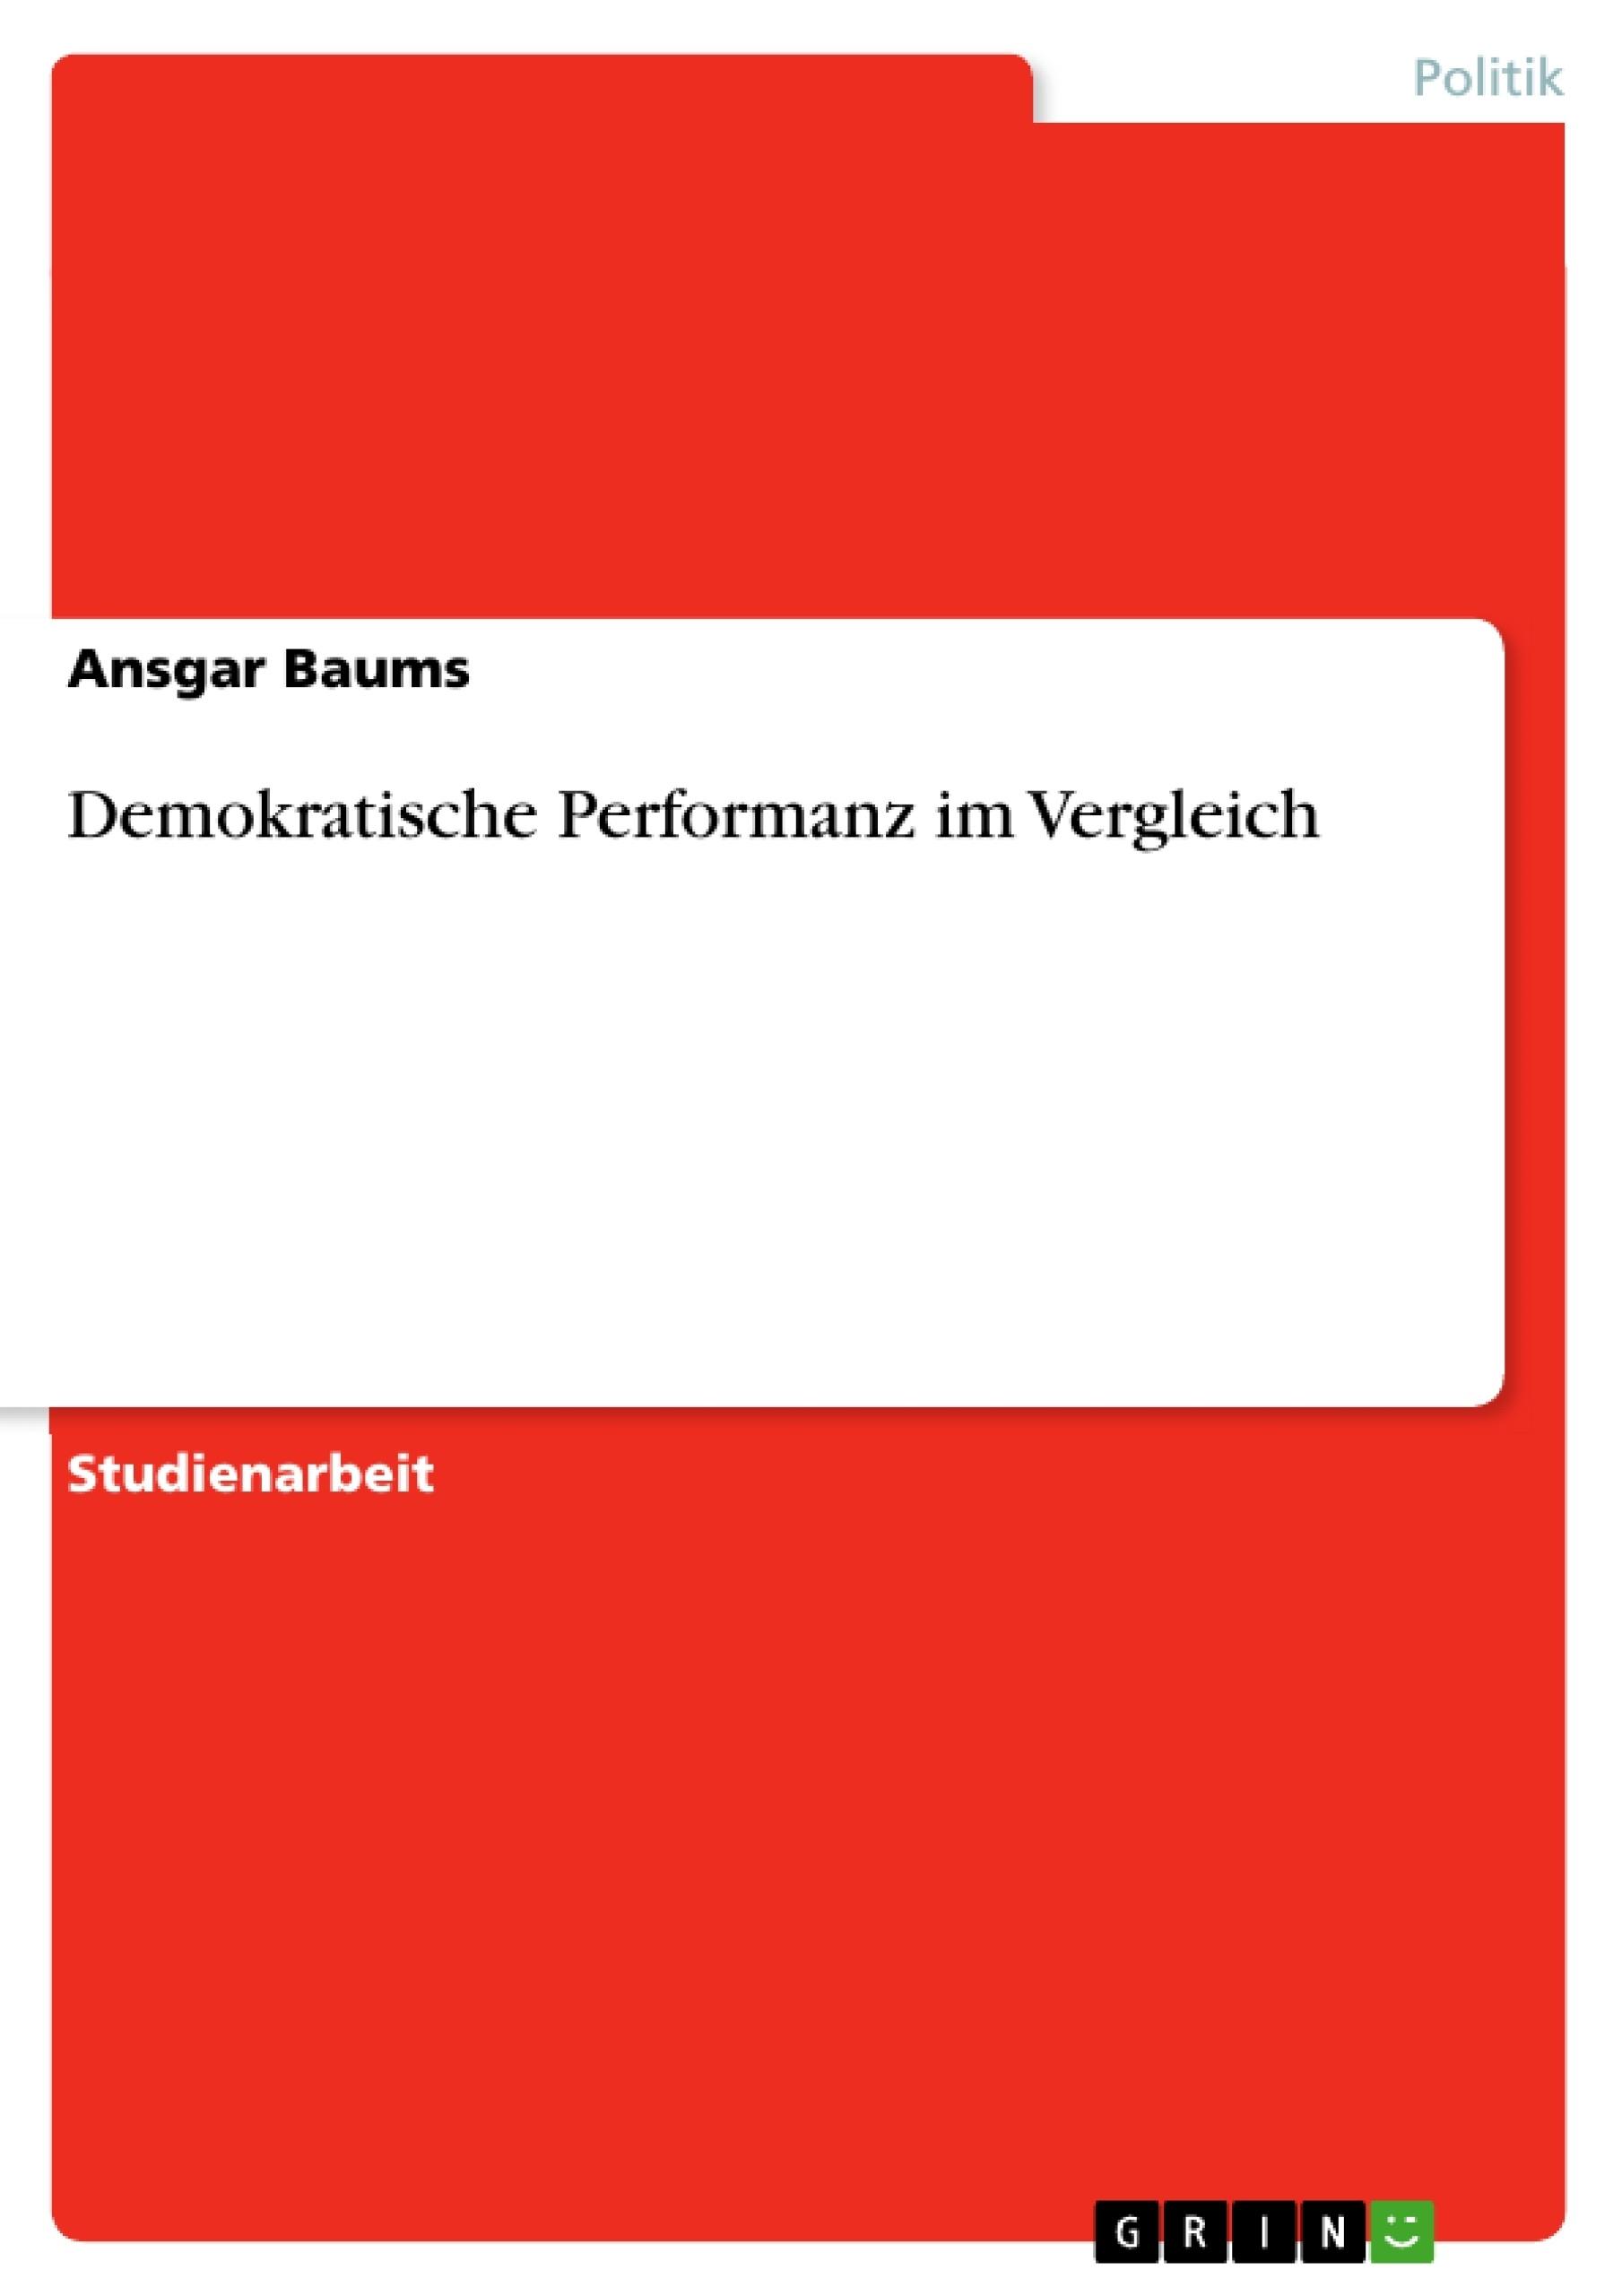 Titel: Demokratische Performanz im Vergleich